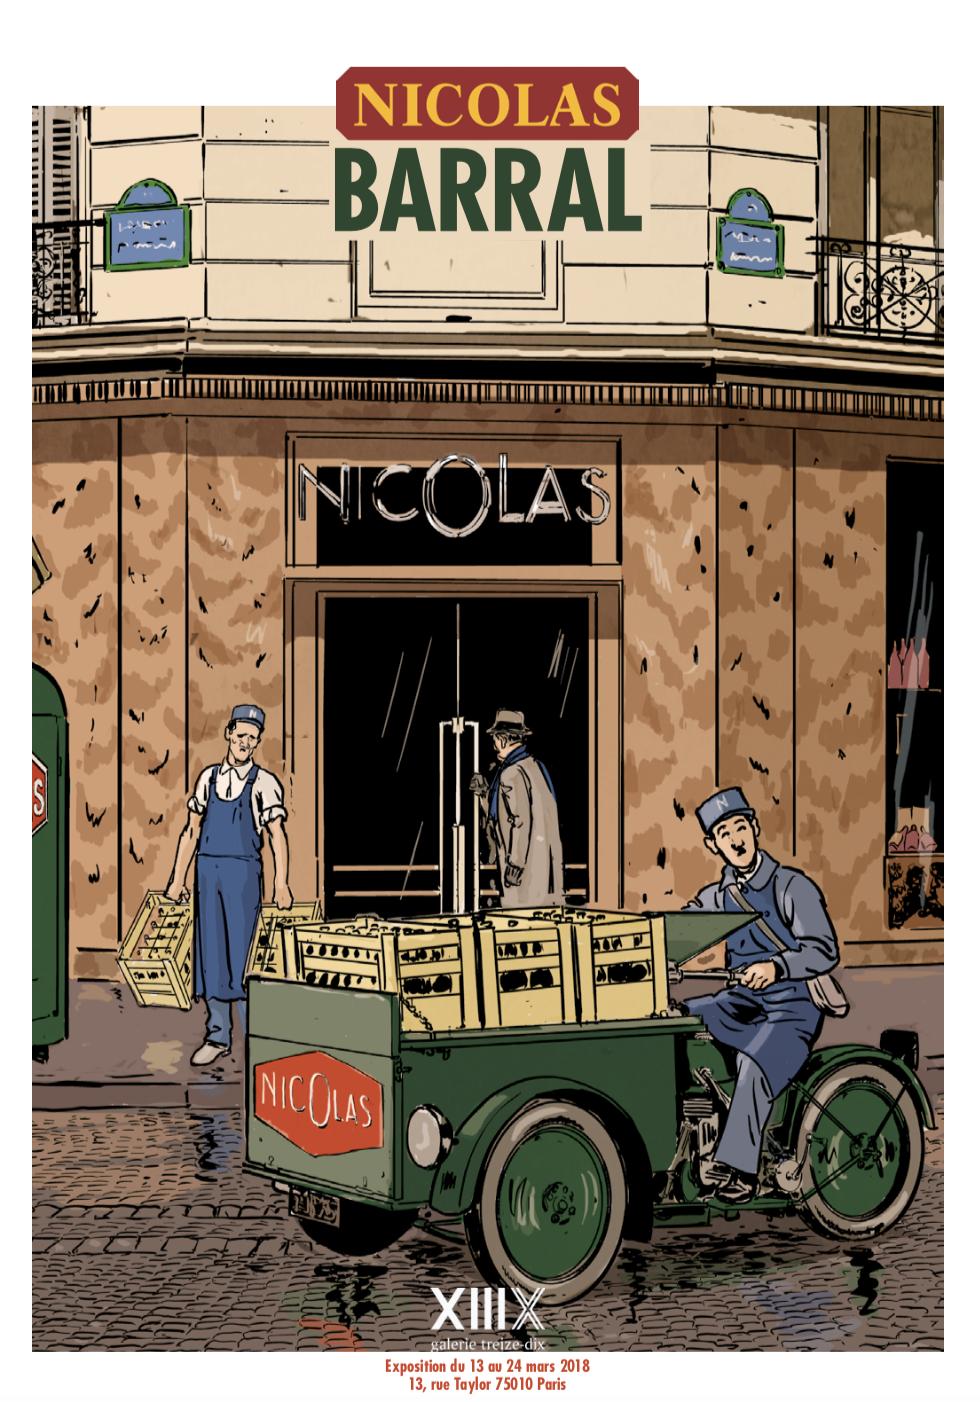 Exposition des dessins du catalogue vinothéque Nicolas intégralement illustré par Nicolas Barral | ==> Vernissage : 14 mars 2018 à 18h30  => Exposition du 13 au 24 mars 2018